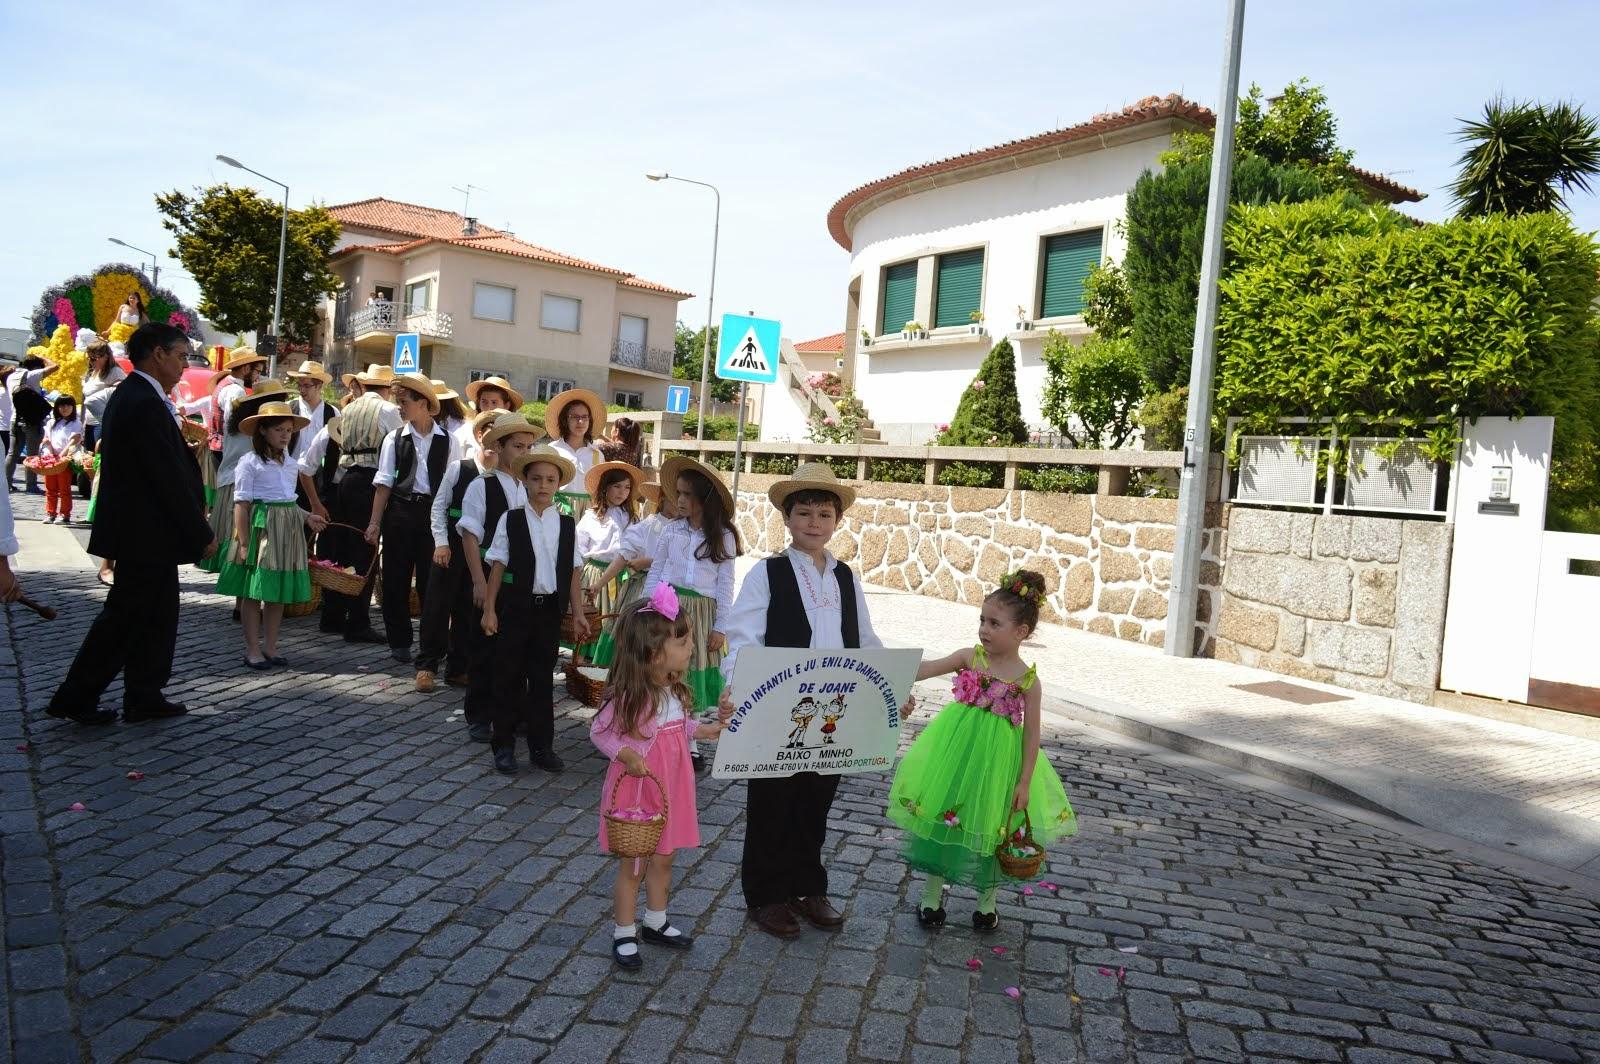 Festa da Flor em Vila Nova de Famalicão